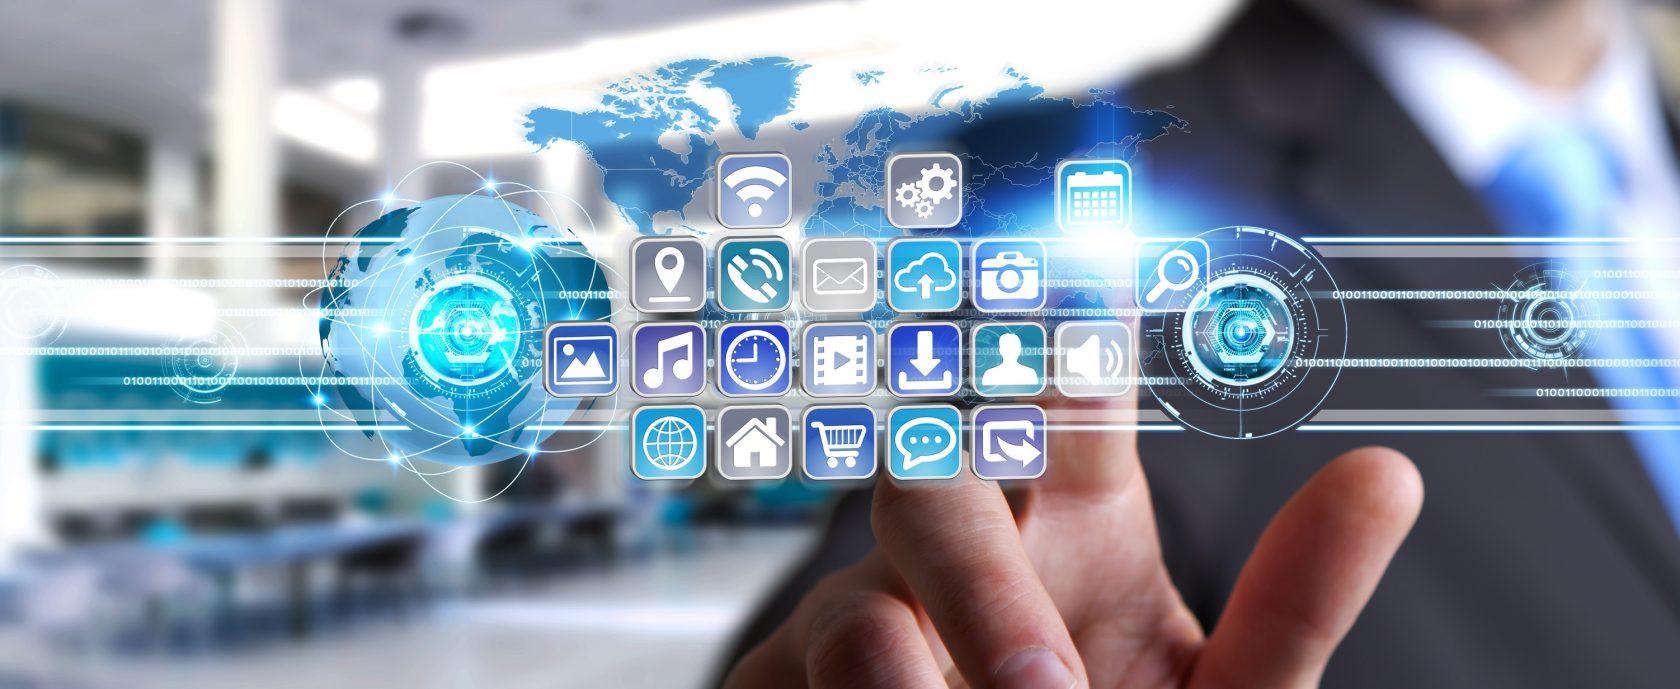 Pme digitale cabinet de conseil en strat gie num rique pour les tpe pme - Cabinet conseil strategie digitale ...